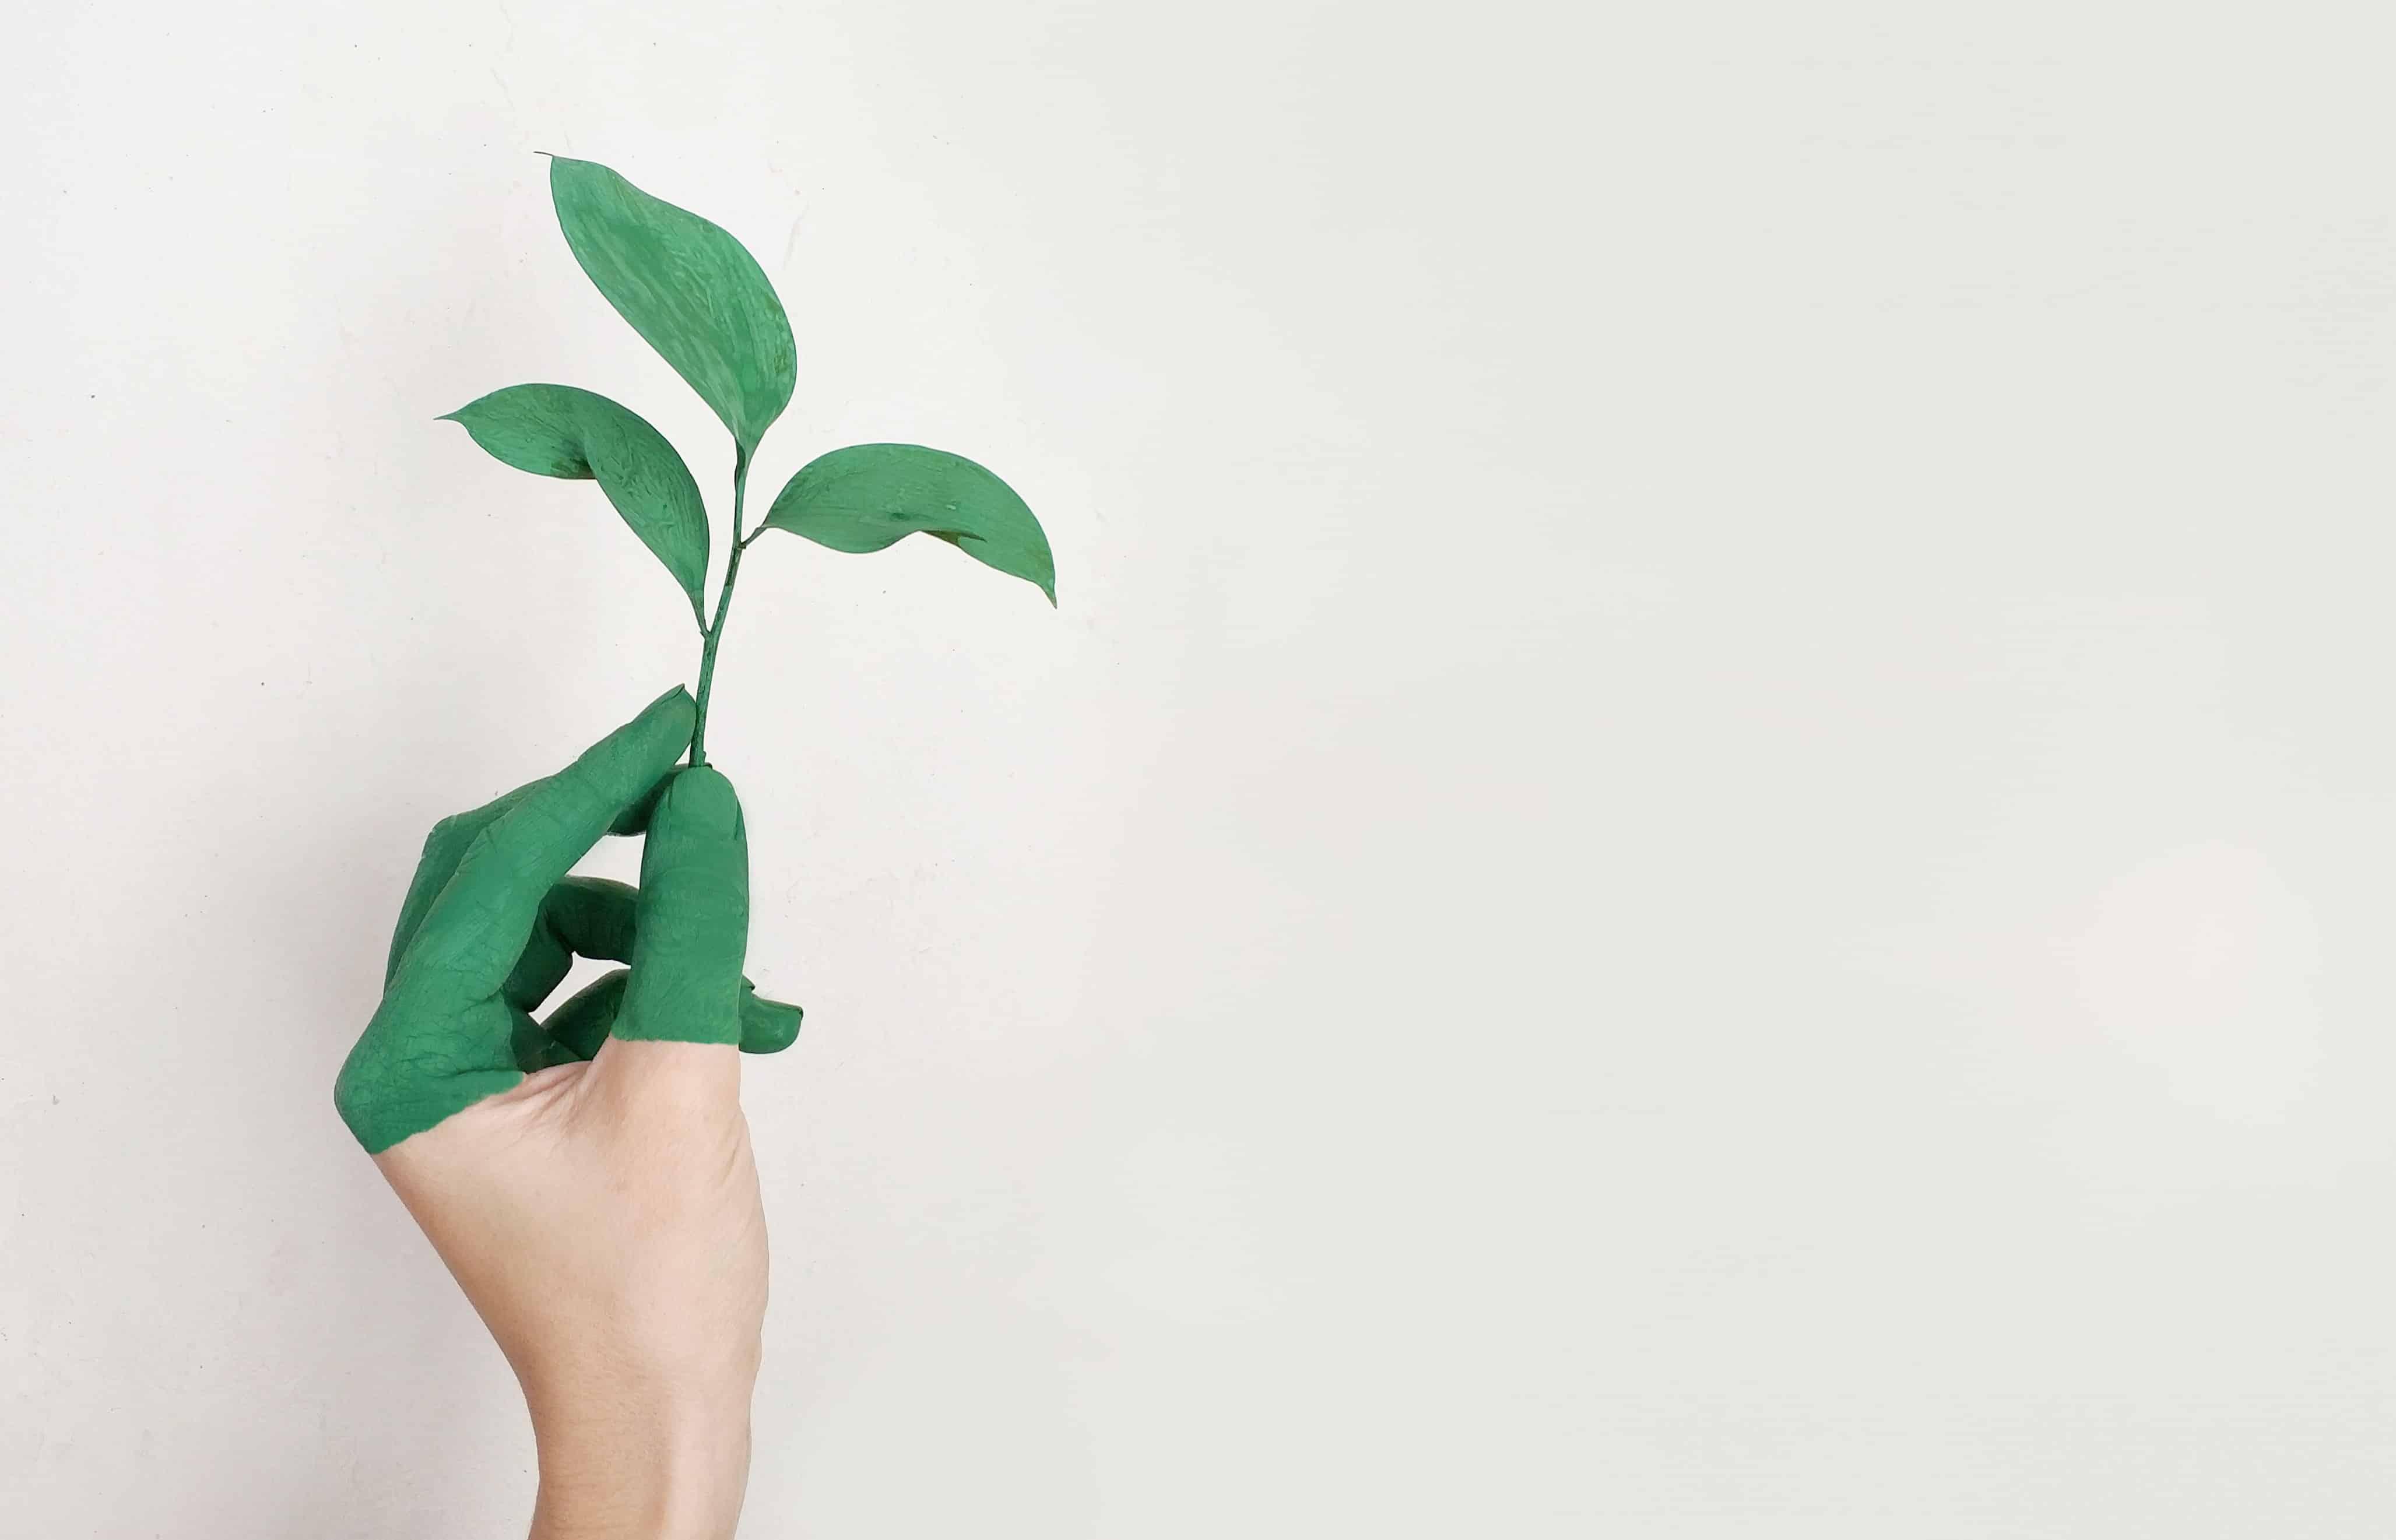 Desenvolvimento Sustentável: Como Crescer Aliando-se A Ele